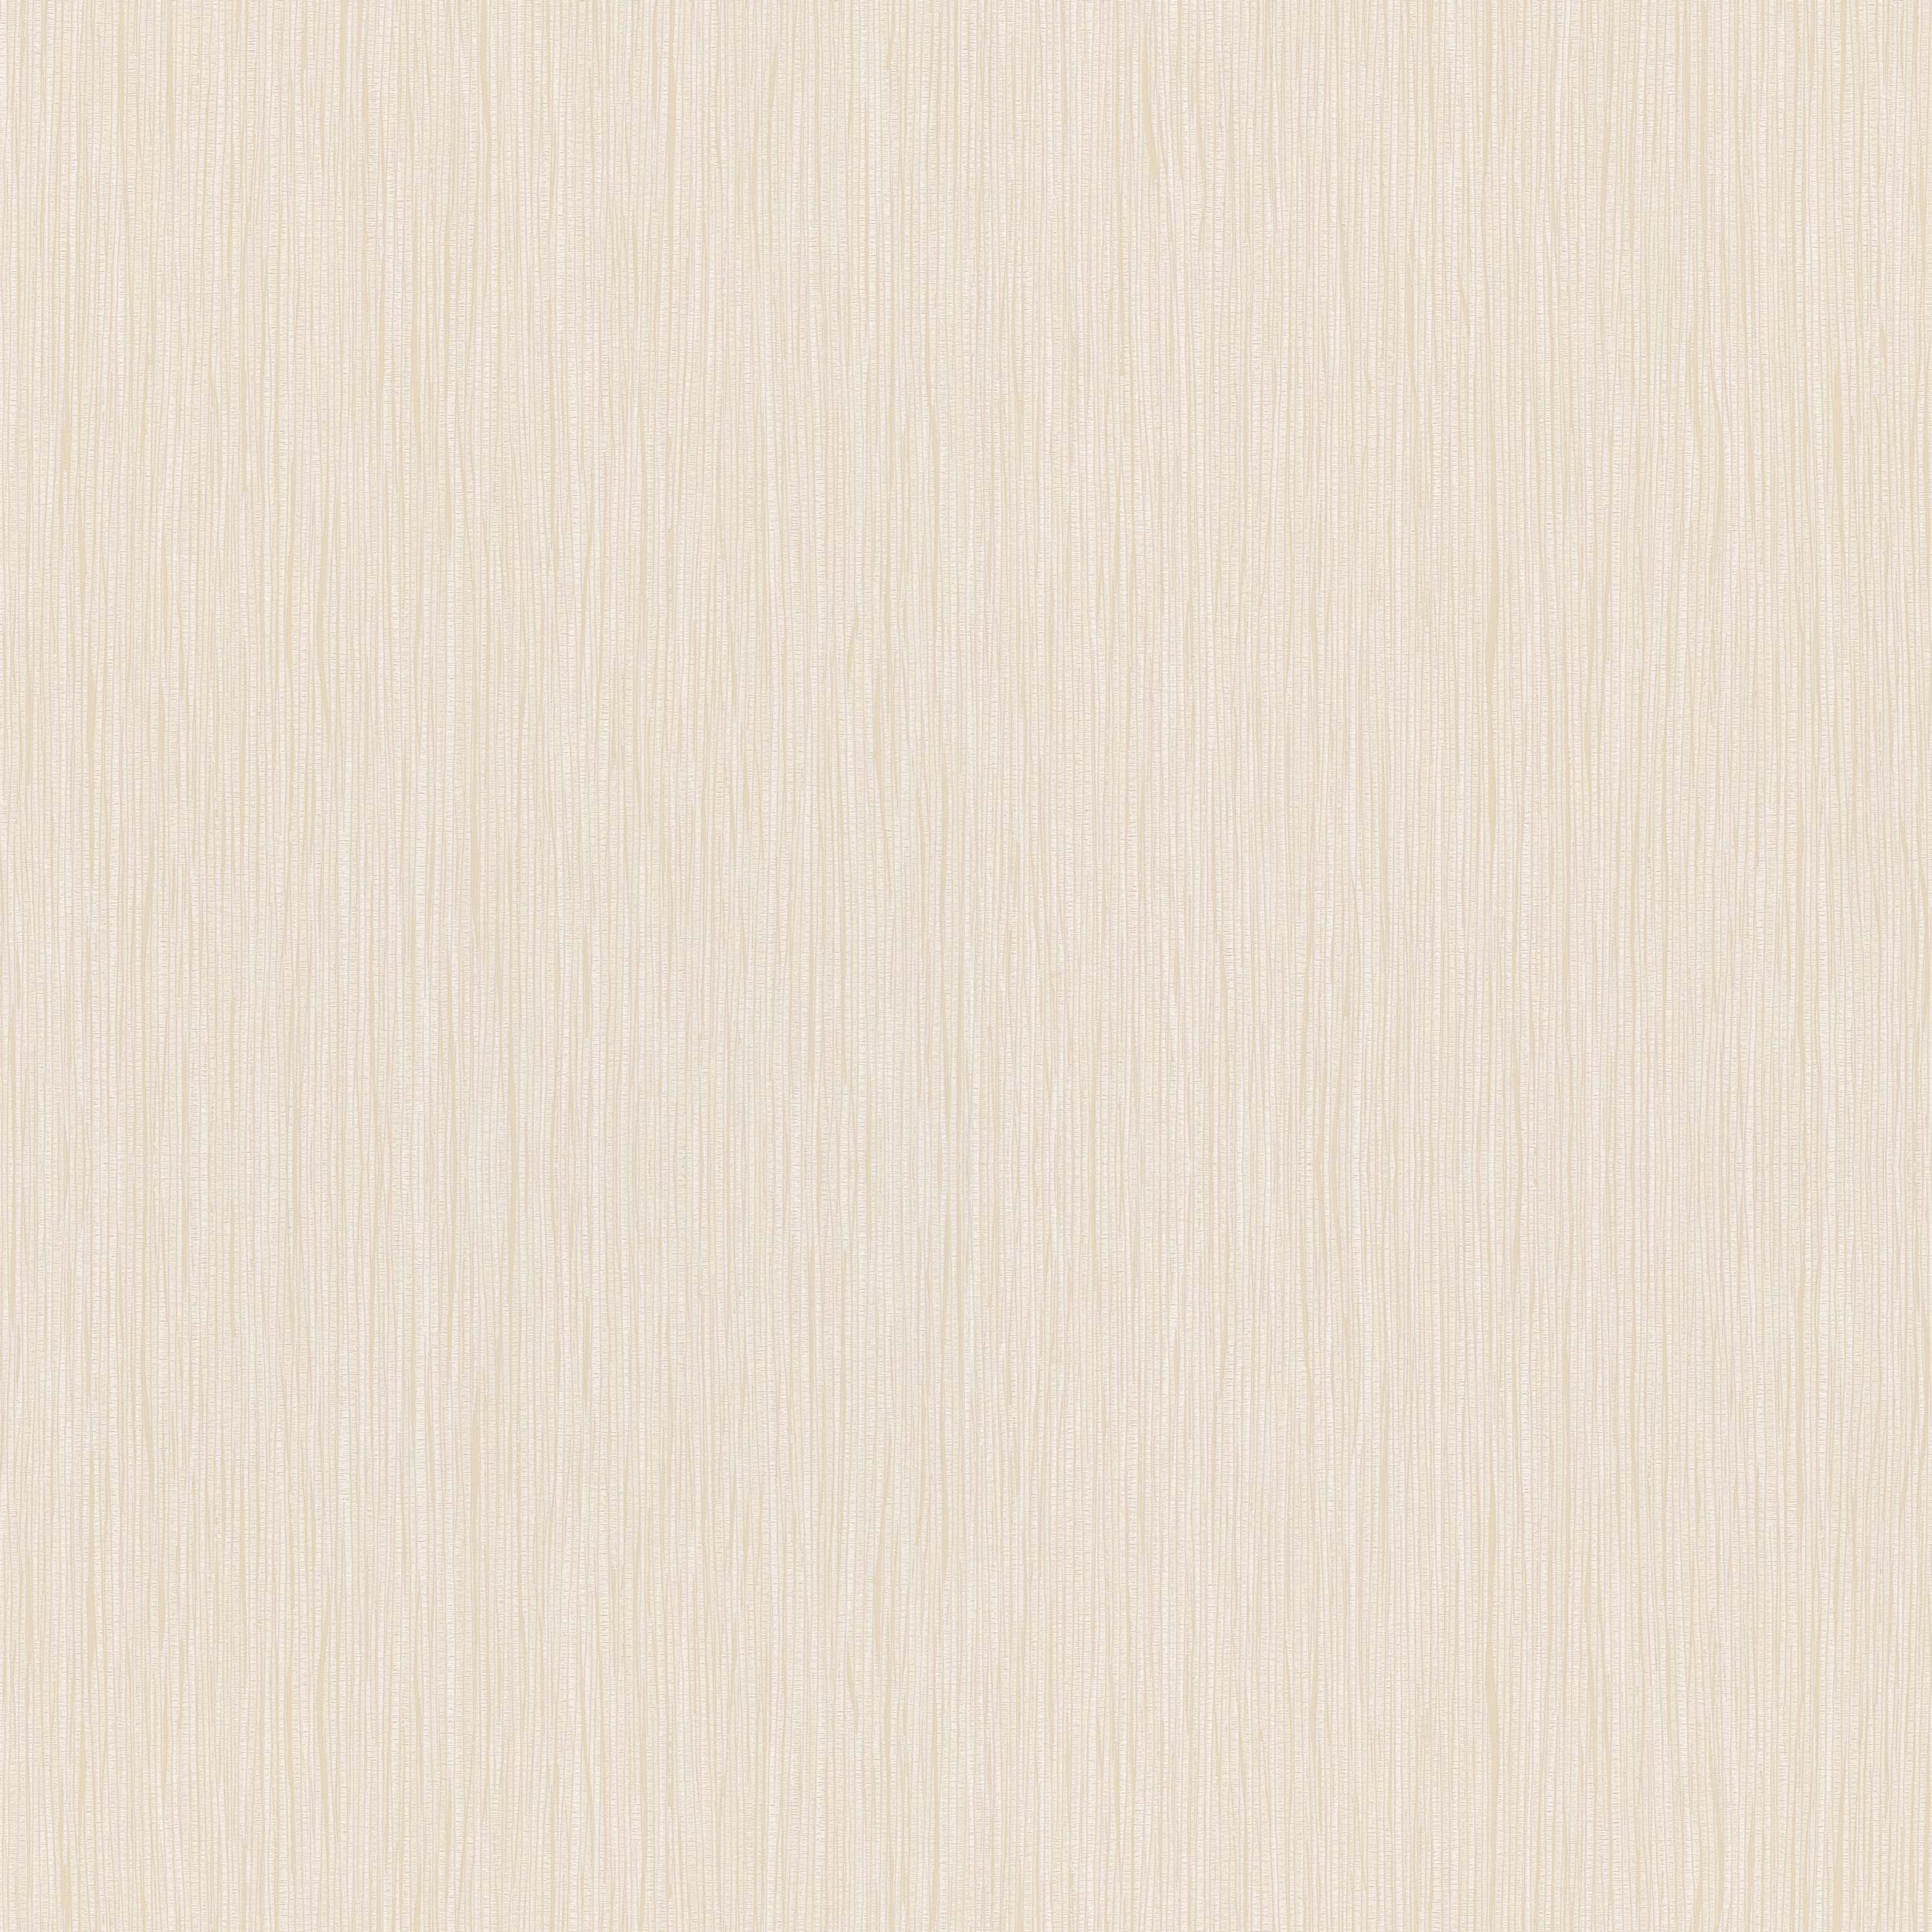 Binkele Farben, Lacke & Tapeten Onlinehandel - Marburg ESTELLE 56504